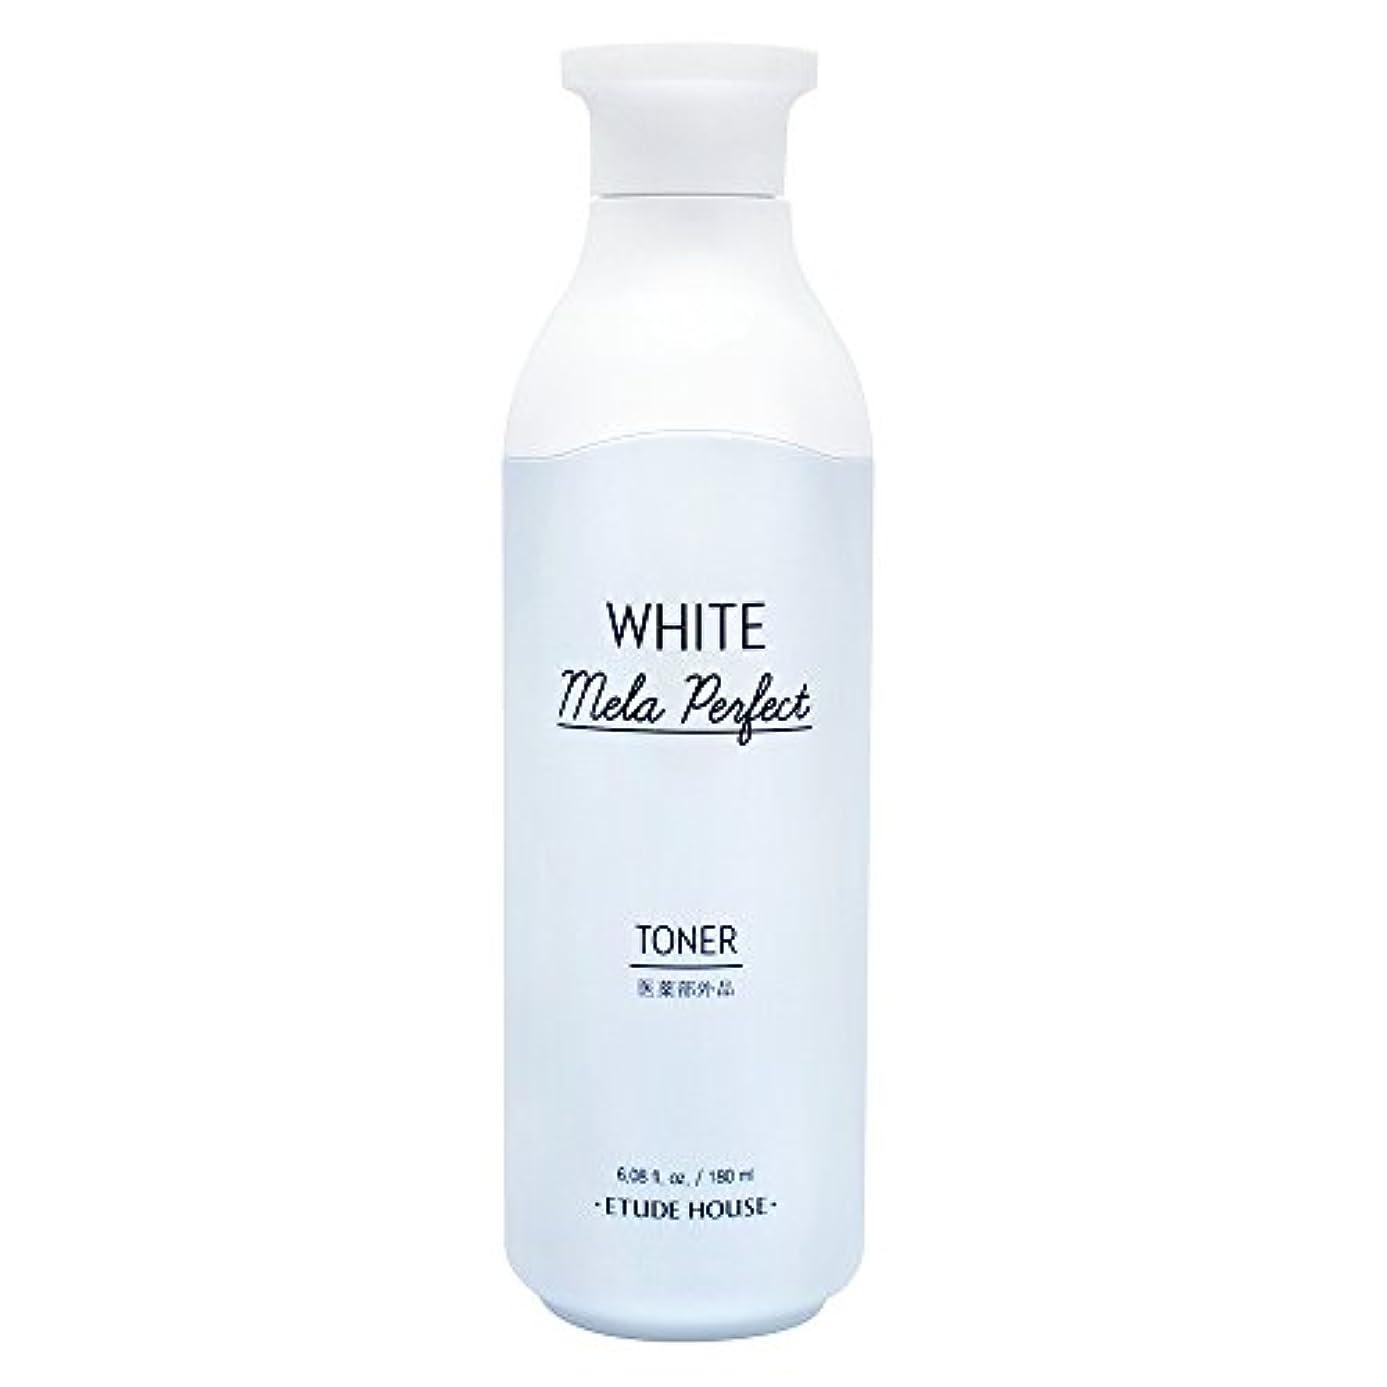 エチュードハウス(ETUDE HOUSE) ホワイトメラパーフェクト トナー[化粧水、美白化粧水]